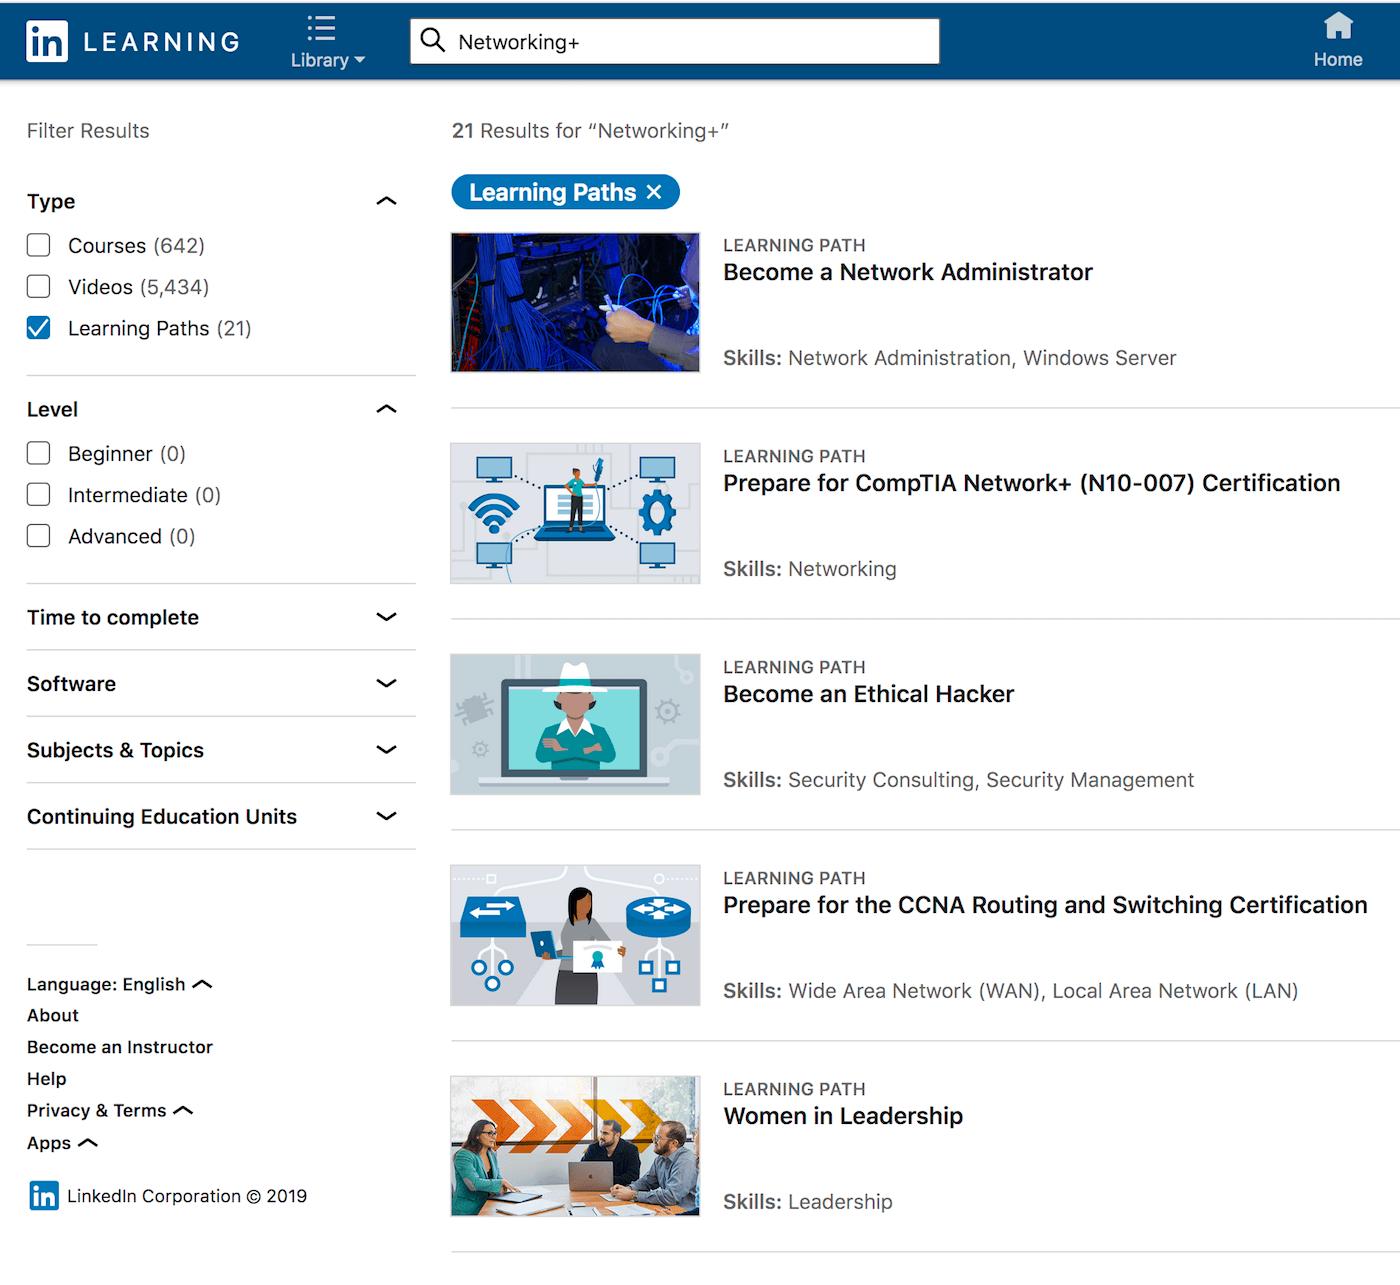 LinkedIn Learning: CompTIA Network+ (N10-007)